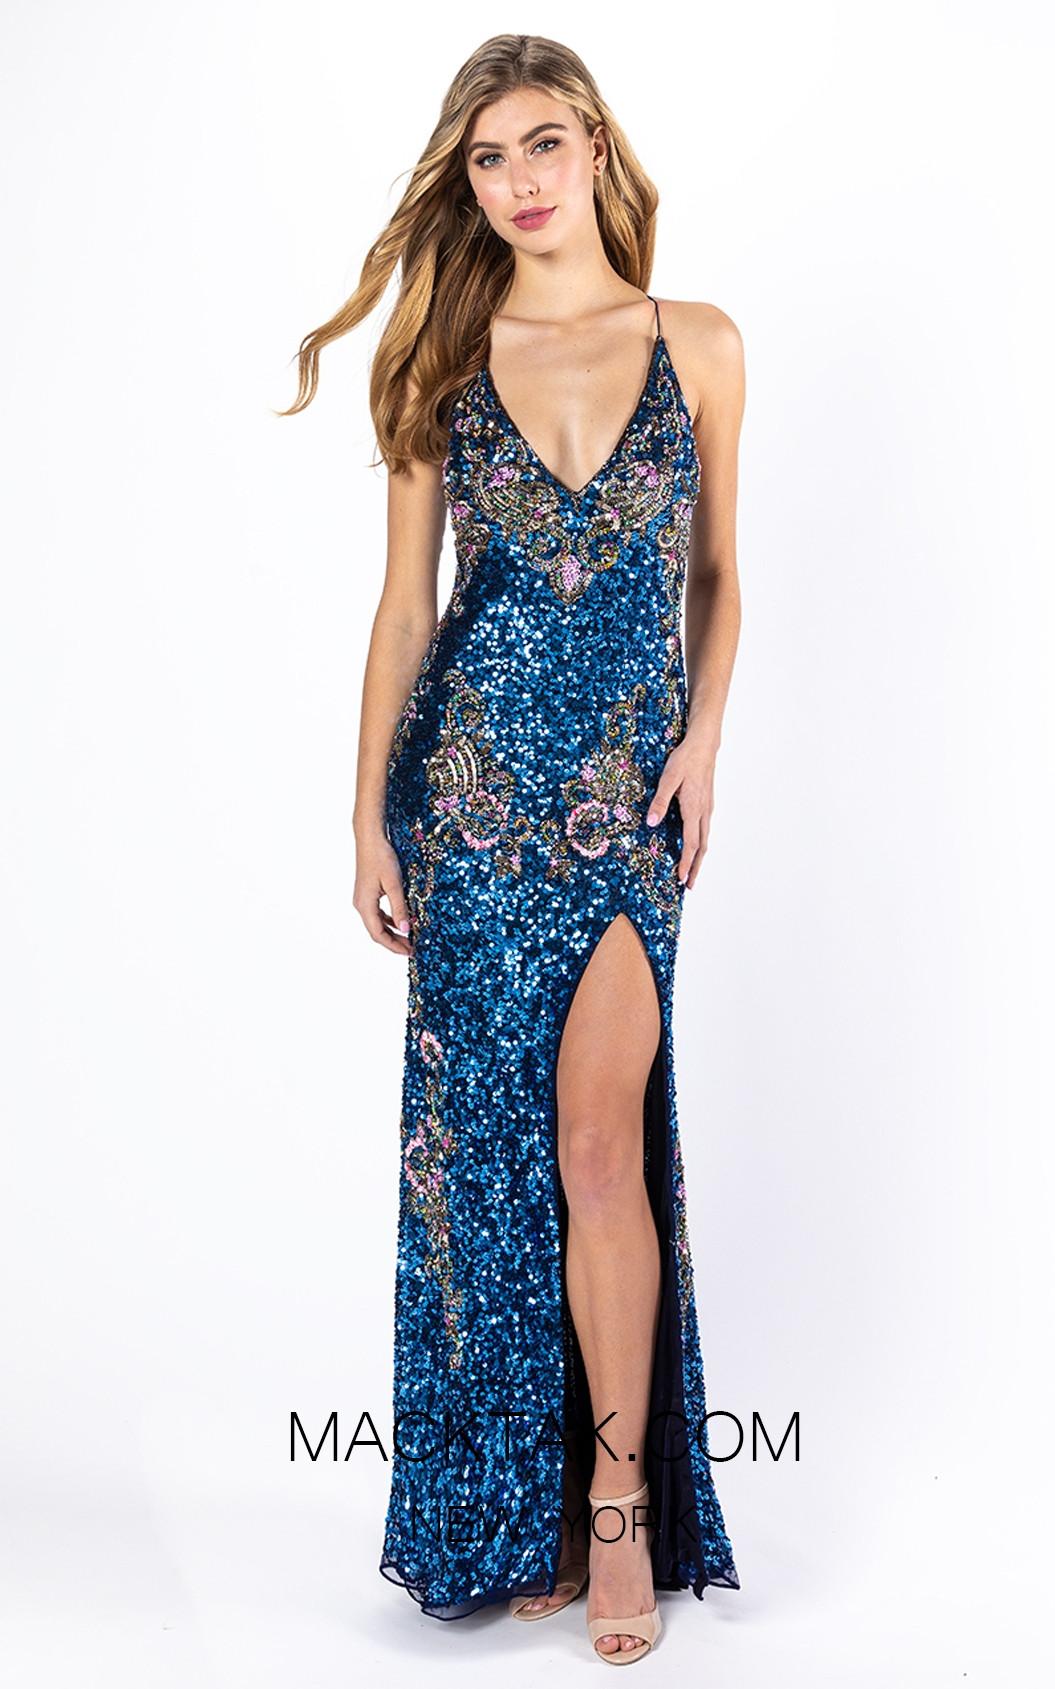 Primavera Couture 3211 Front Midnight Multi Dress